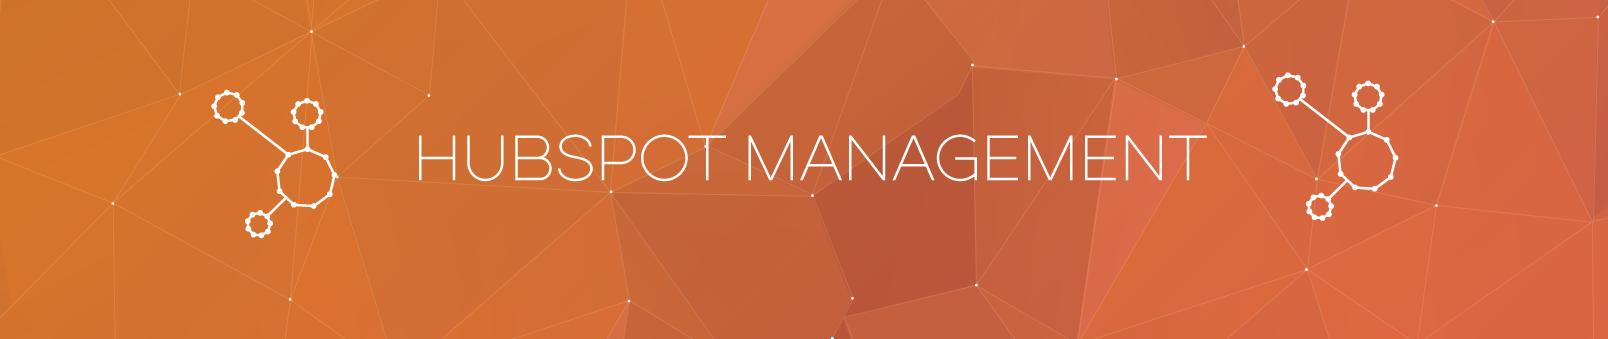 hubspot-management.png